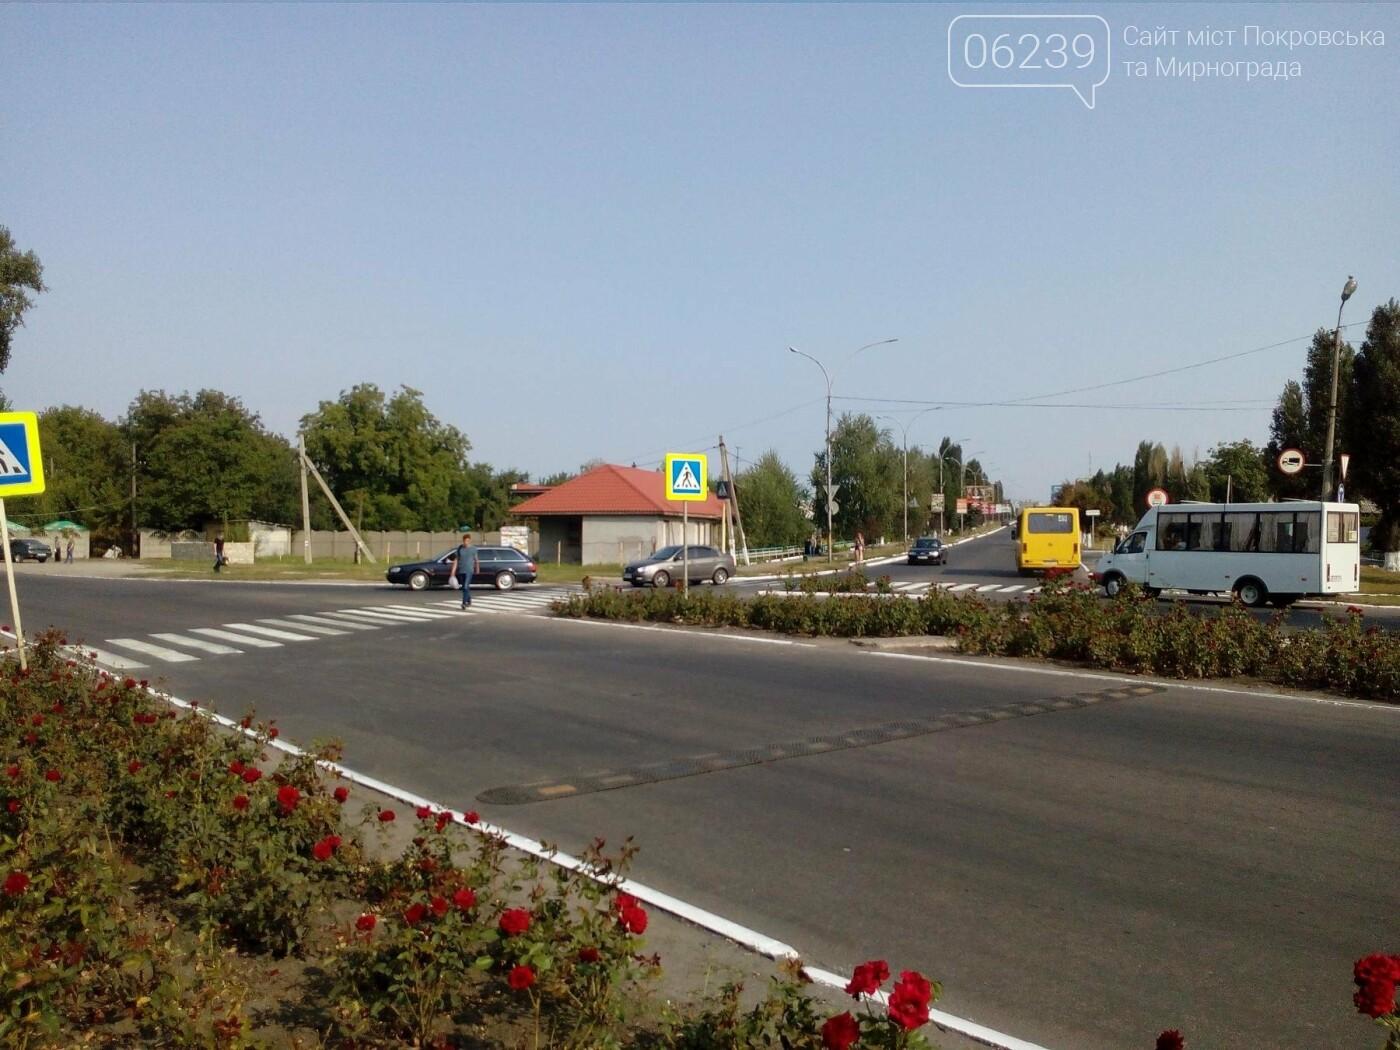 В Покровске перекрыли движение в районе кольца - по части улицы Защитников Украины, фото-1